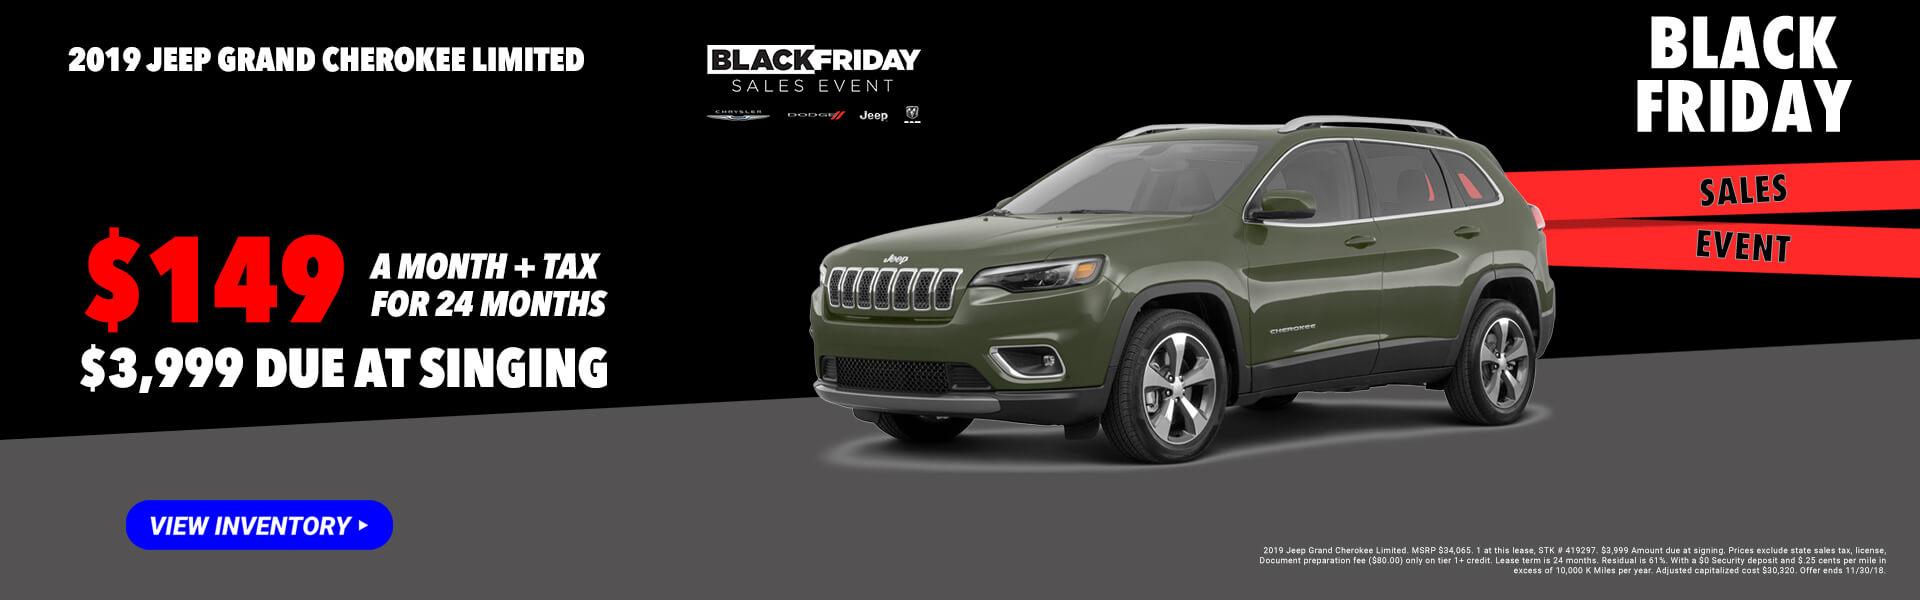 2019 Jeep Cherokee 419297